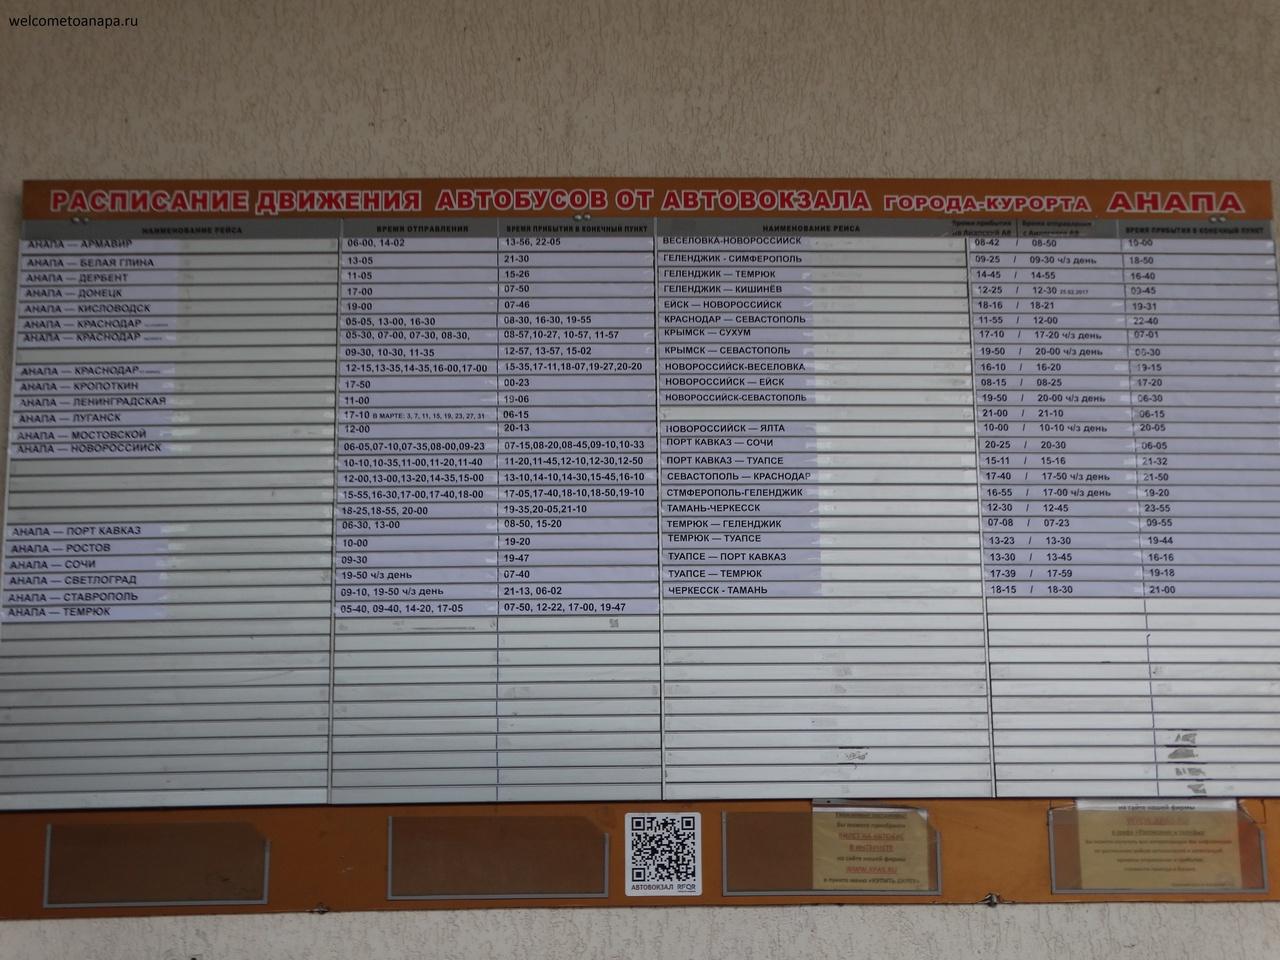 Расписание автобусов → расписание межрегиональных автобусов россии → расписание автобуса: оп г.